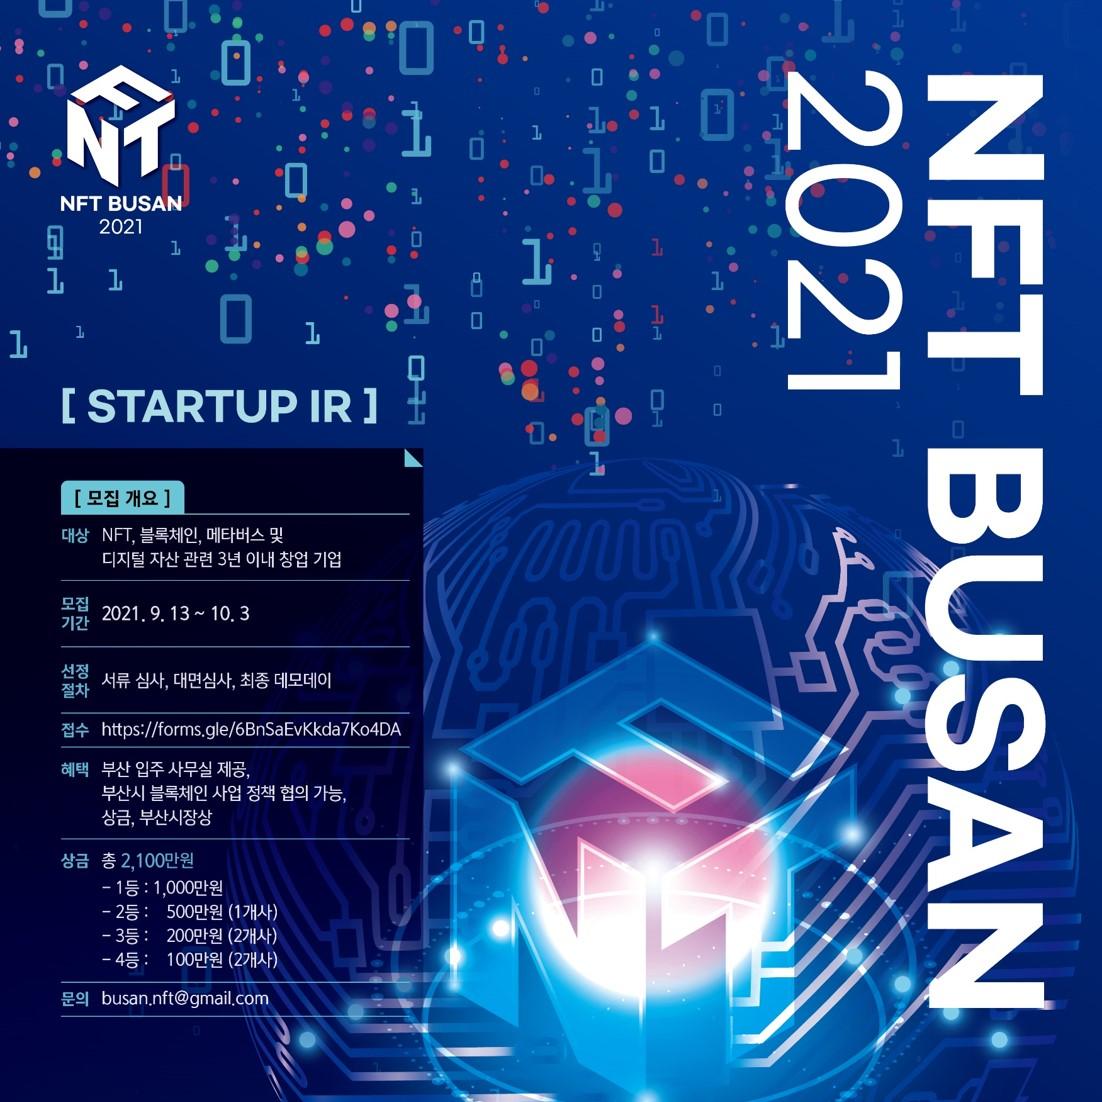 NFT BUSAN 2021 - Startup IR